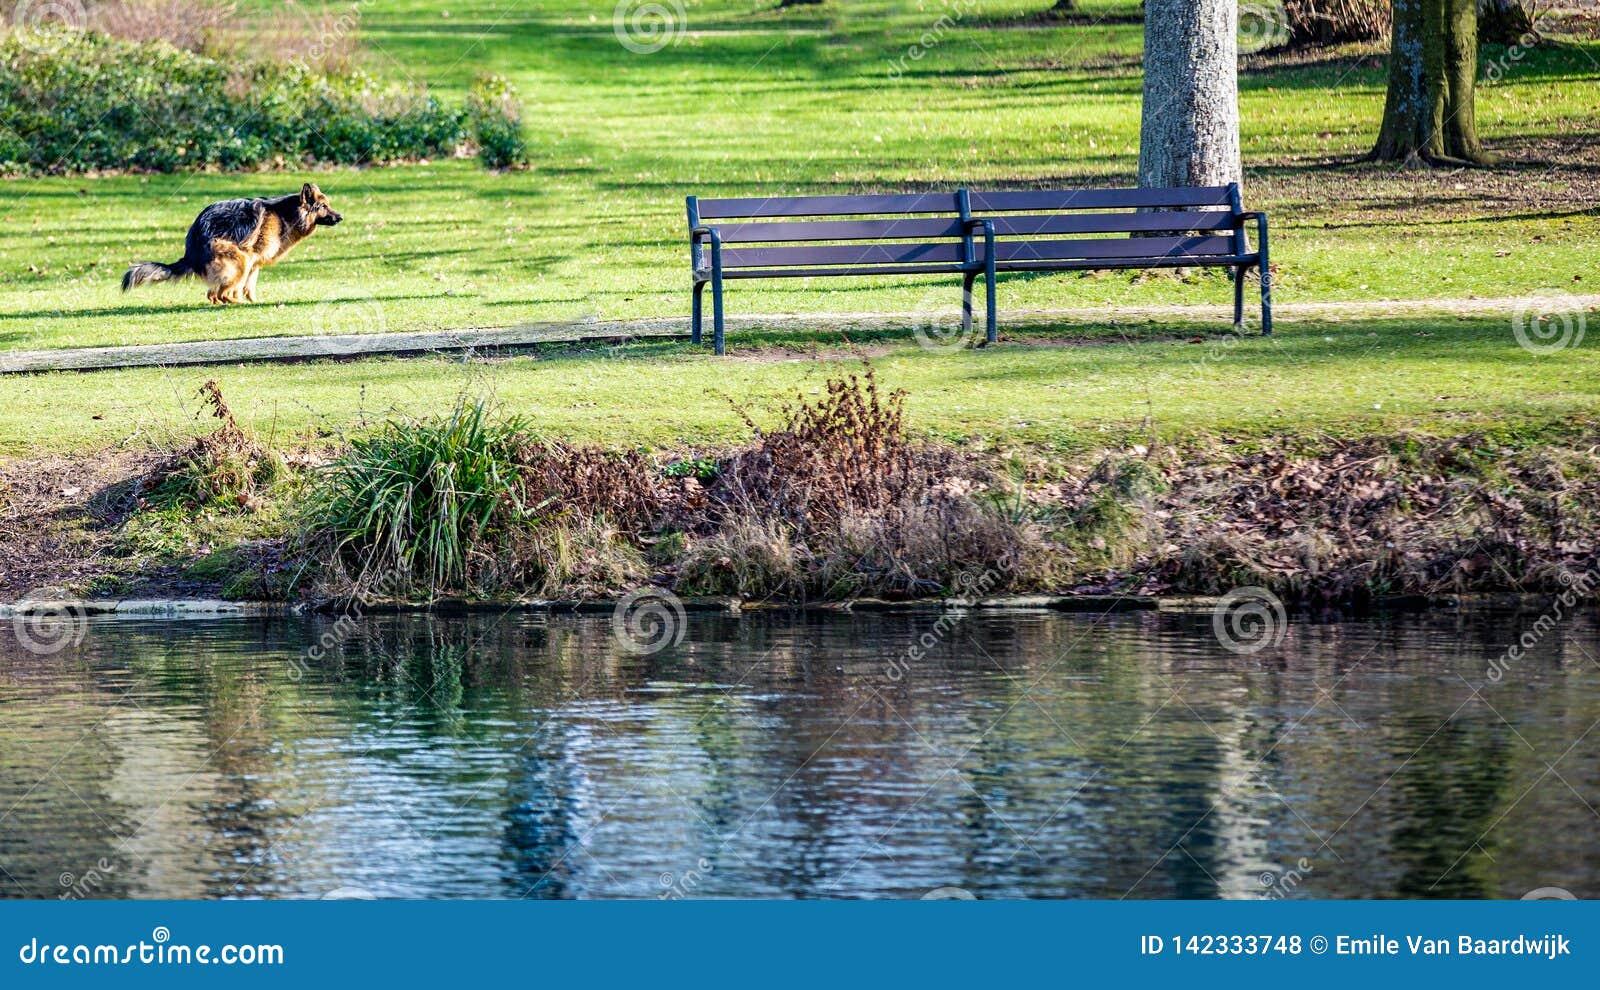 Γερμανικό σκυλιών ποιμένων στη χλόη δίπλα σε έναν πάγκο και μια λίμνη με το κρύσταλλο - καθαρίστε το νερό στο πάρκο Proosdij